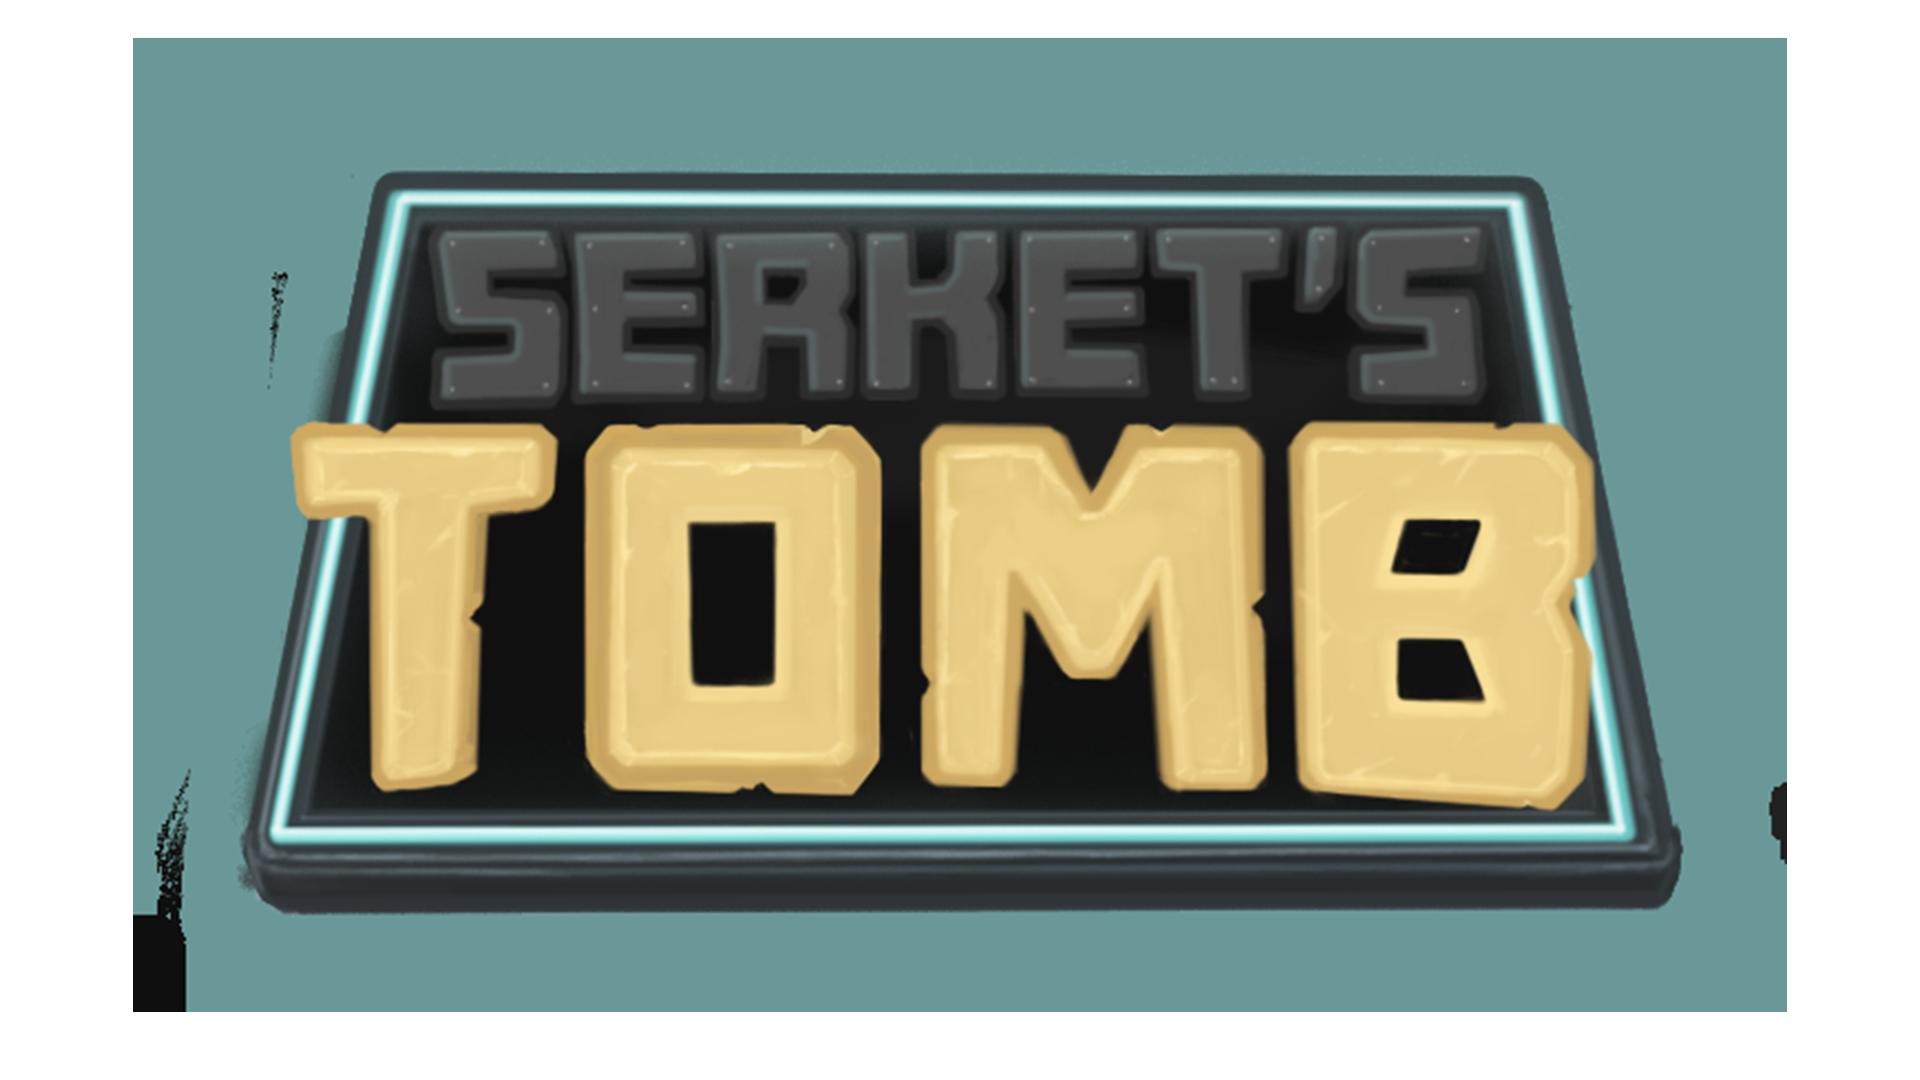 Serket's Tomb